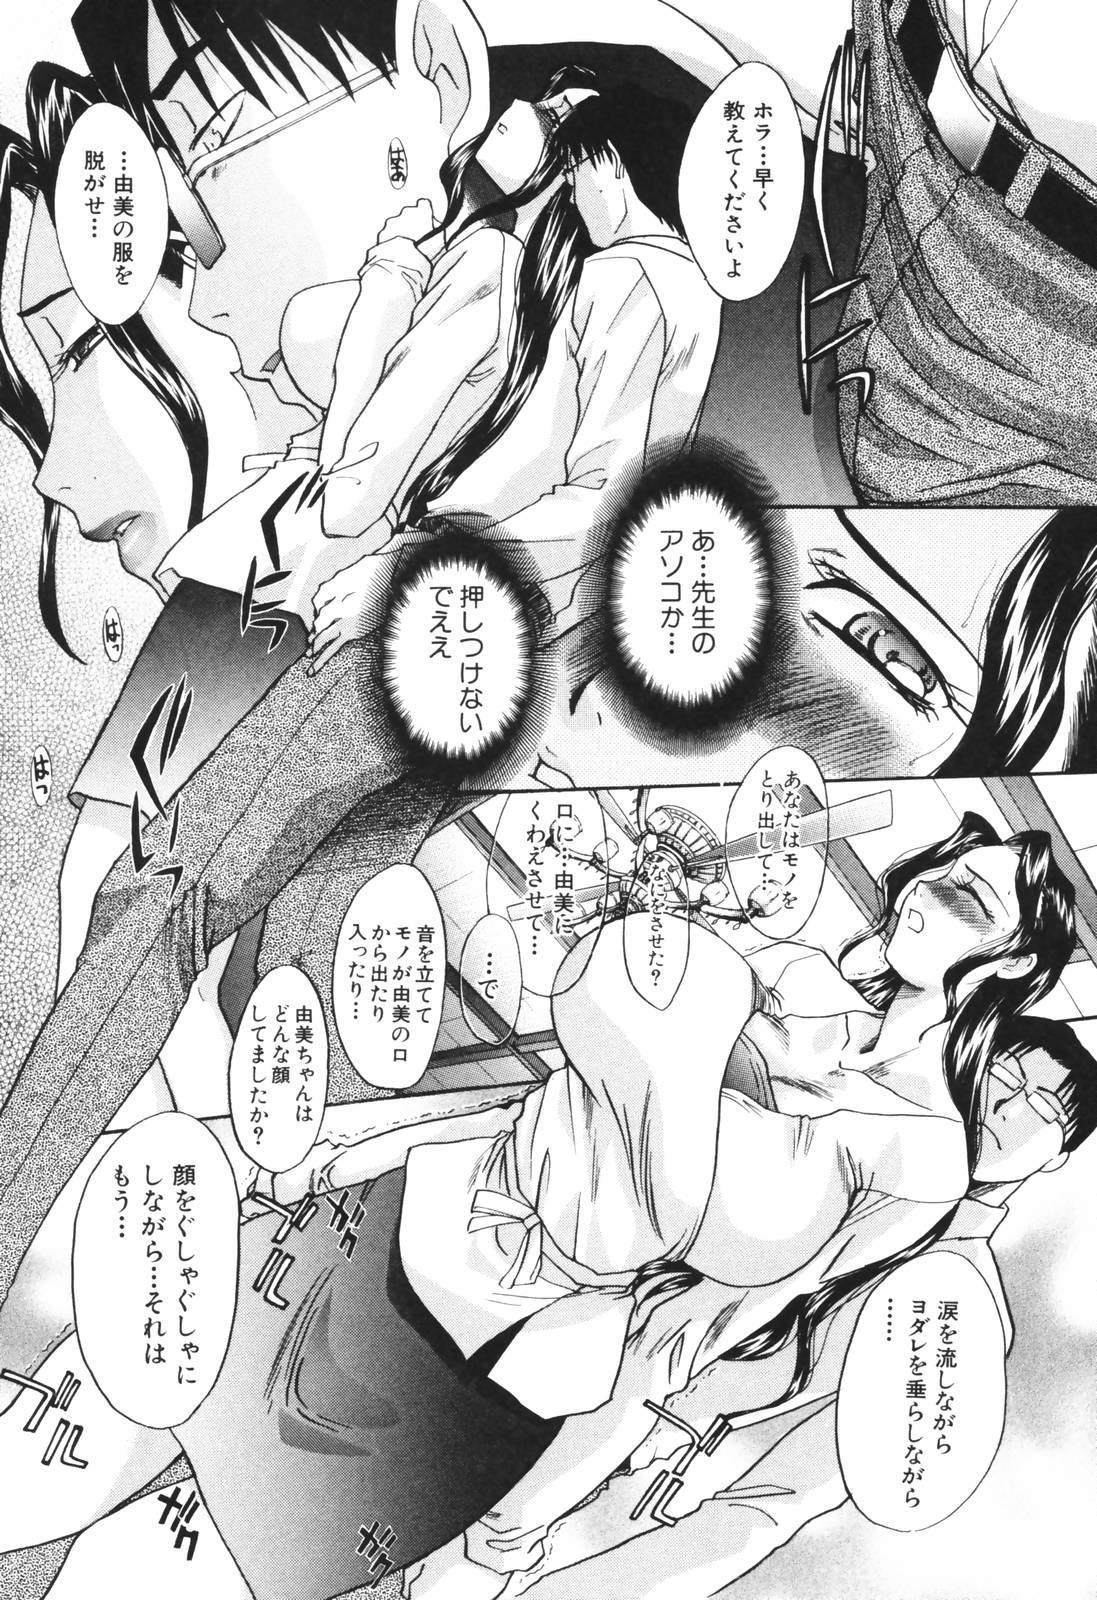 Tsuma Kyoko - My Wife, Kyoko 149